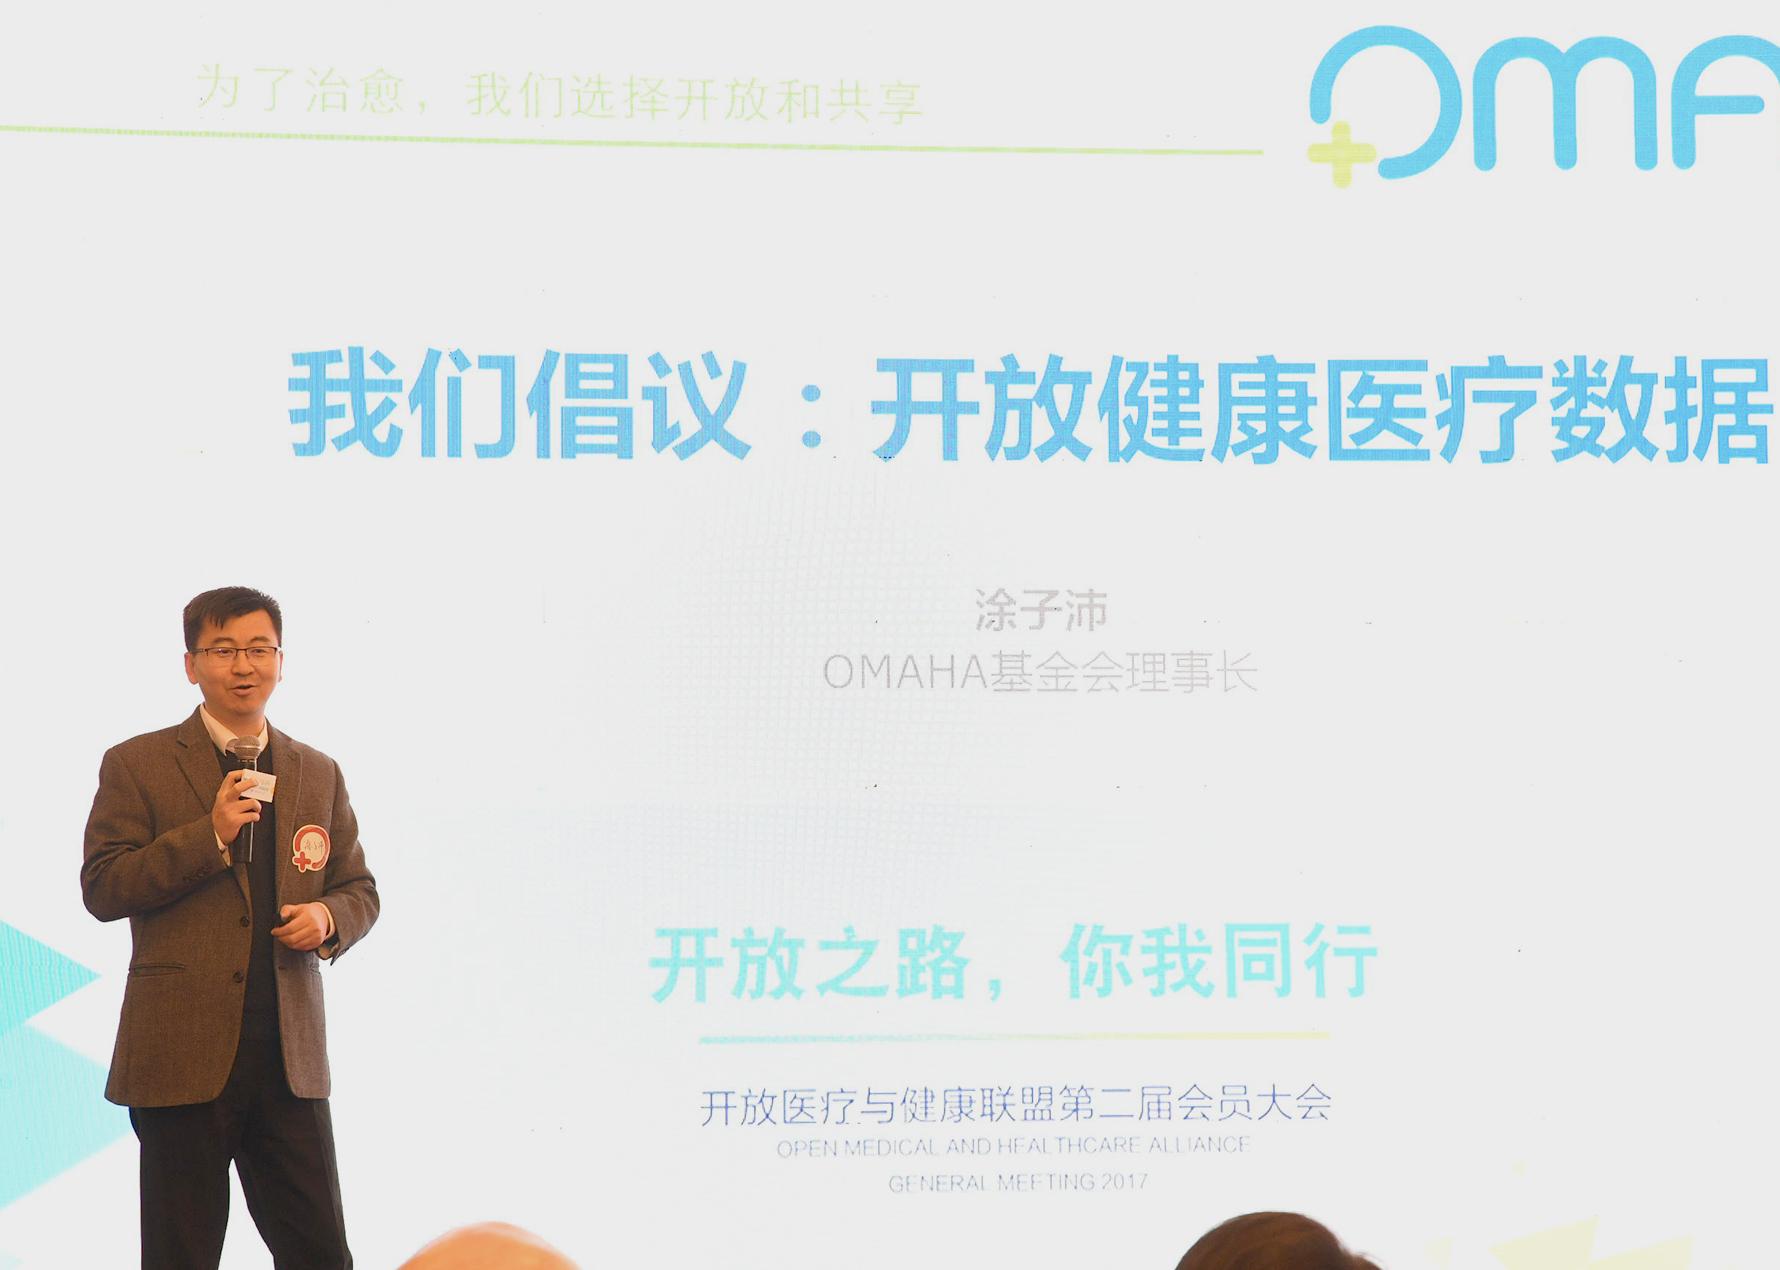 涂子沛:健康医疗数据开放事业的倡议